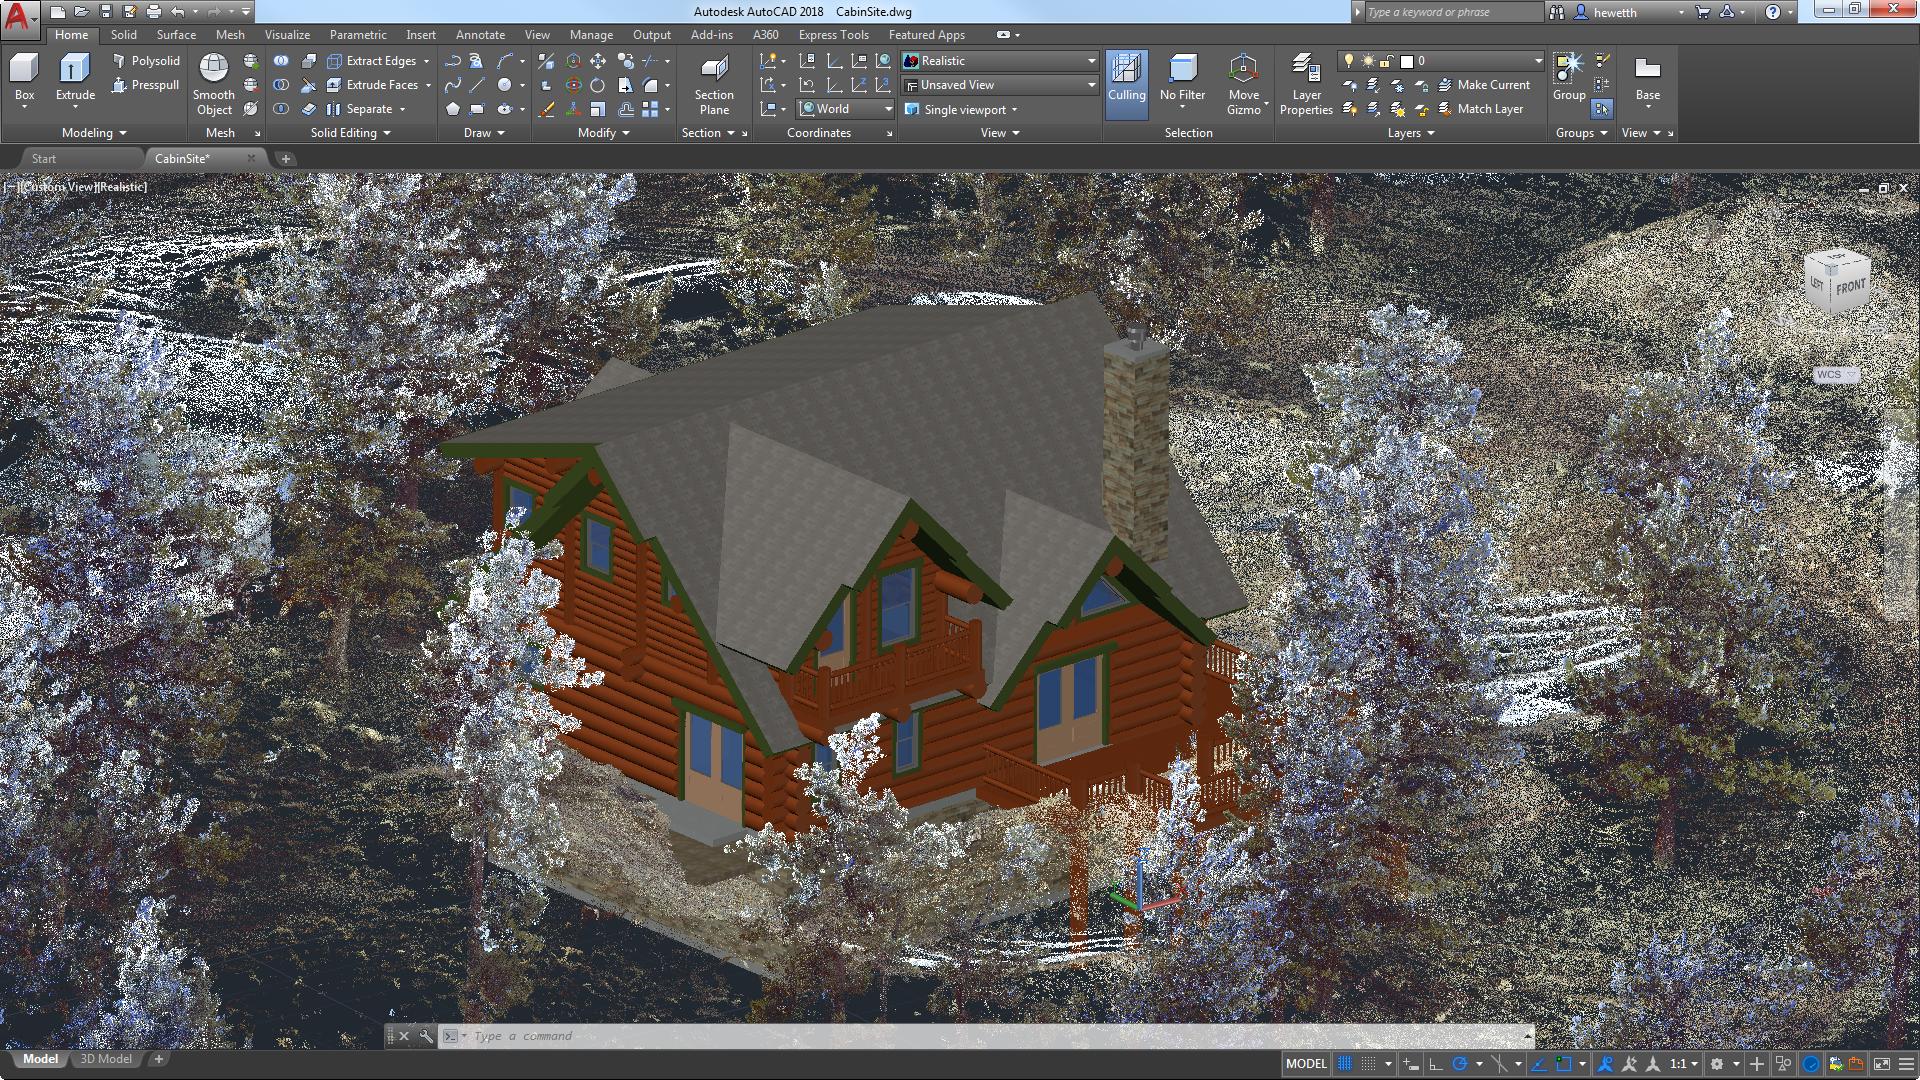 Crie E Comunique Quase Qualquer Projeto Com As Ferramentas De Modelagem E  Visualização 3D